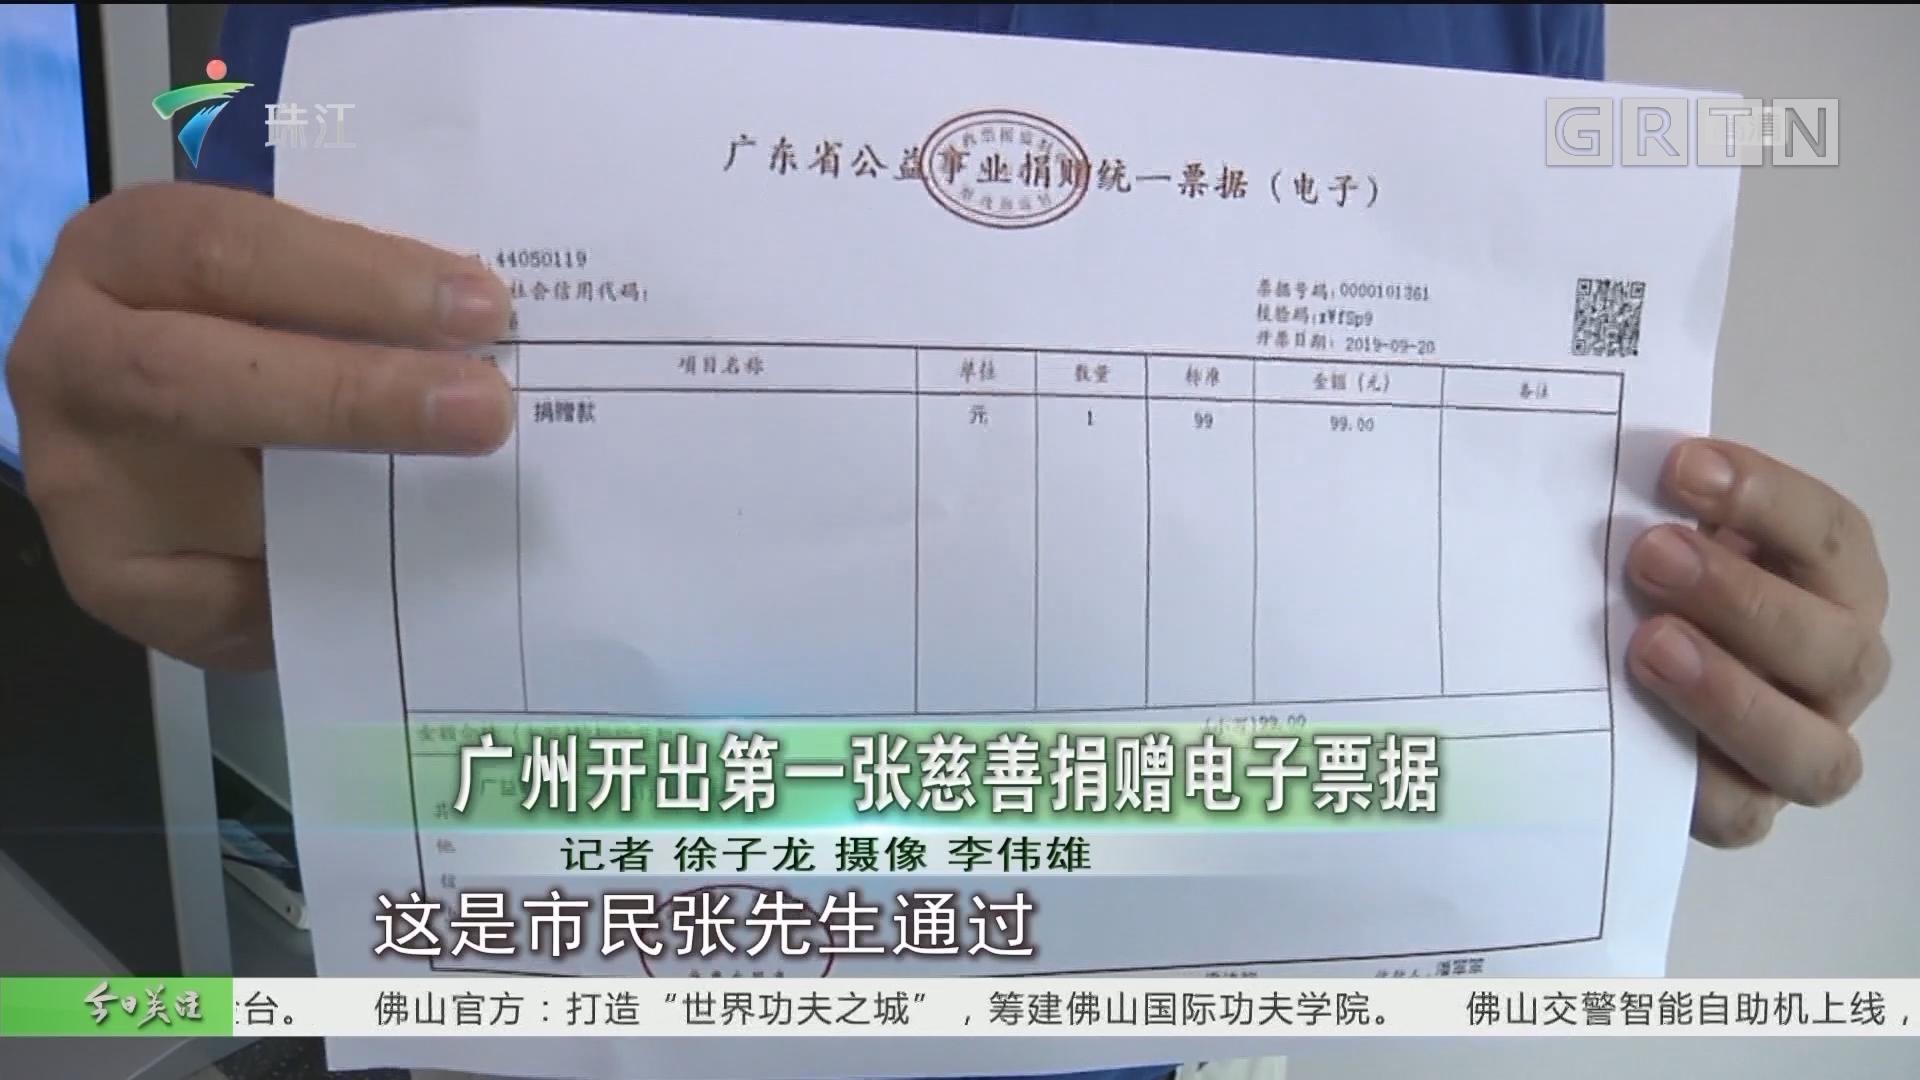 广州开出第一张慈善捐赠电子票据